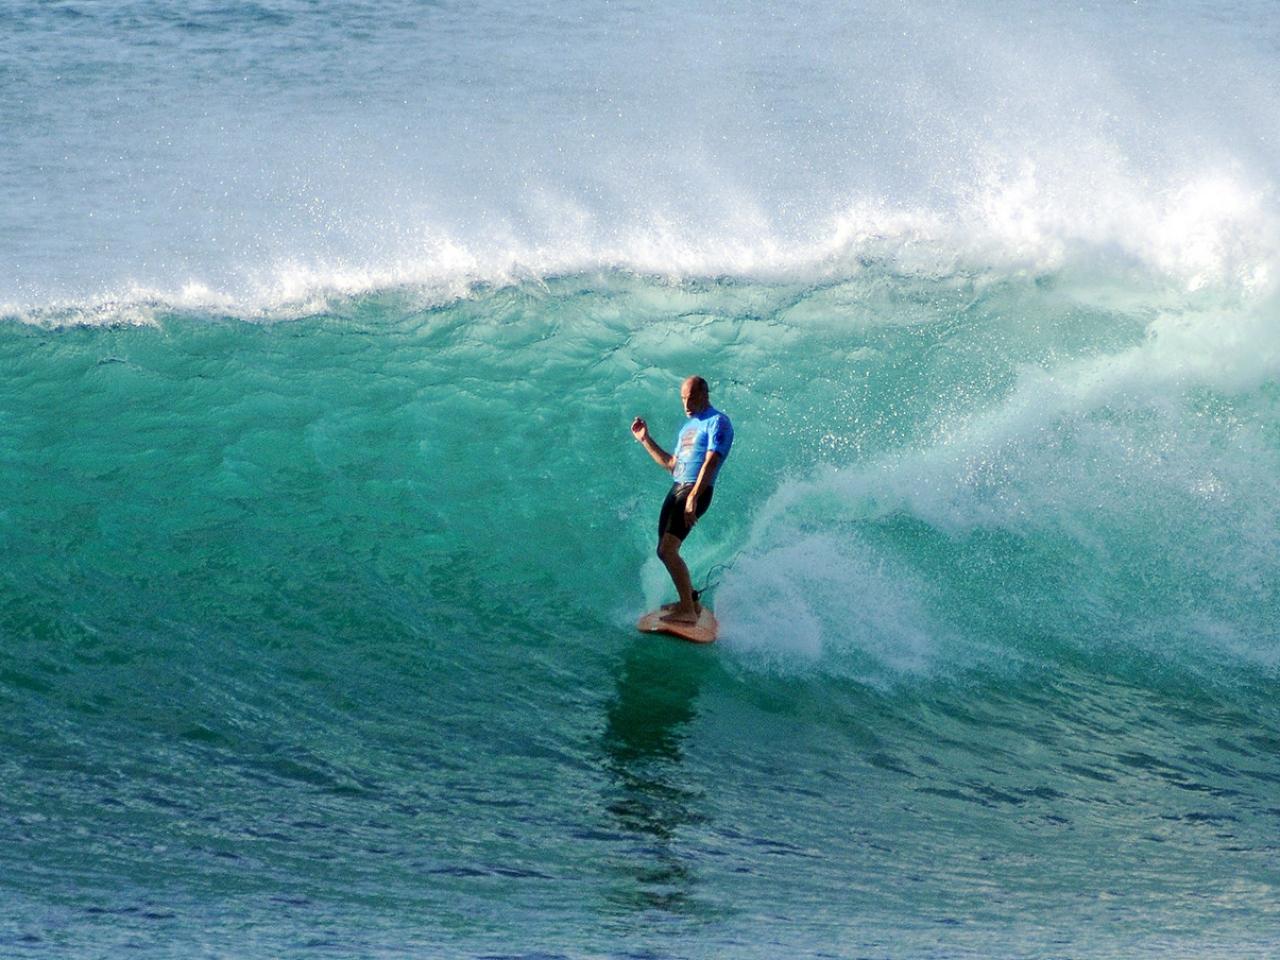 Practicar Surf - 1280x960